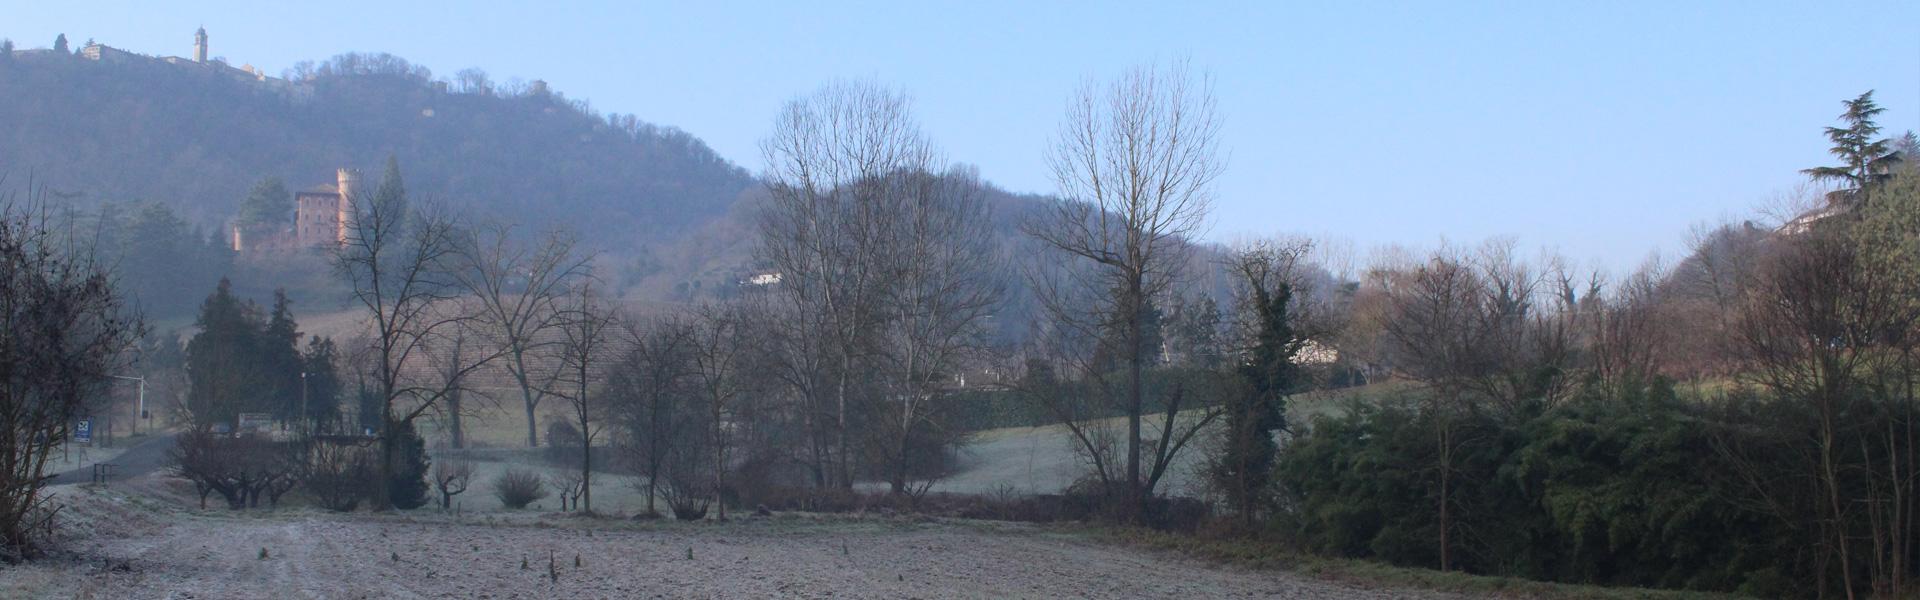 inverno monferrato